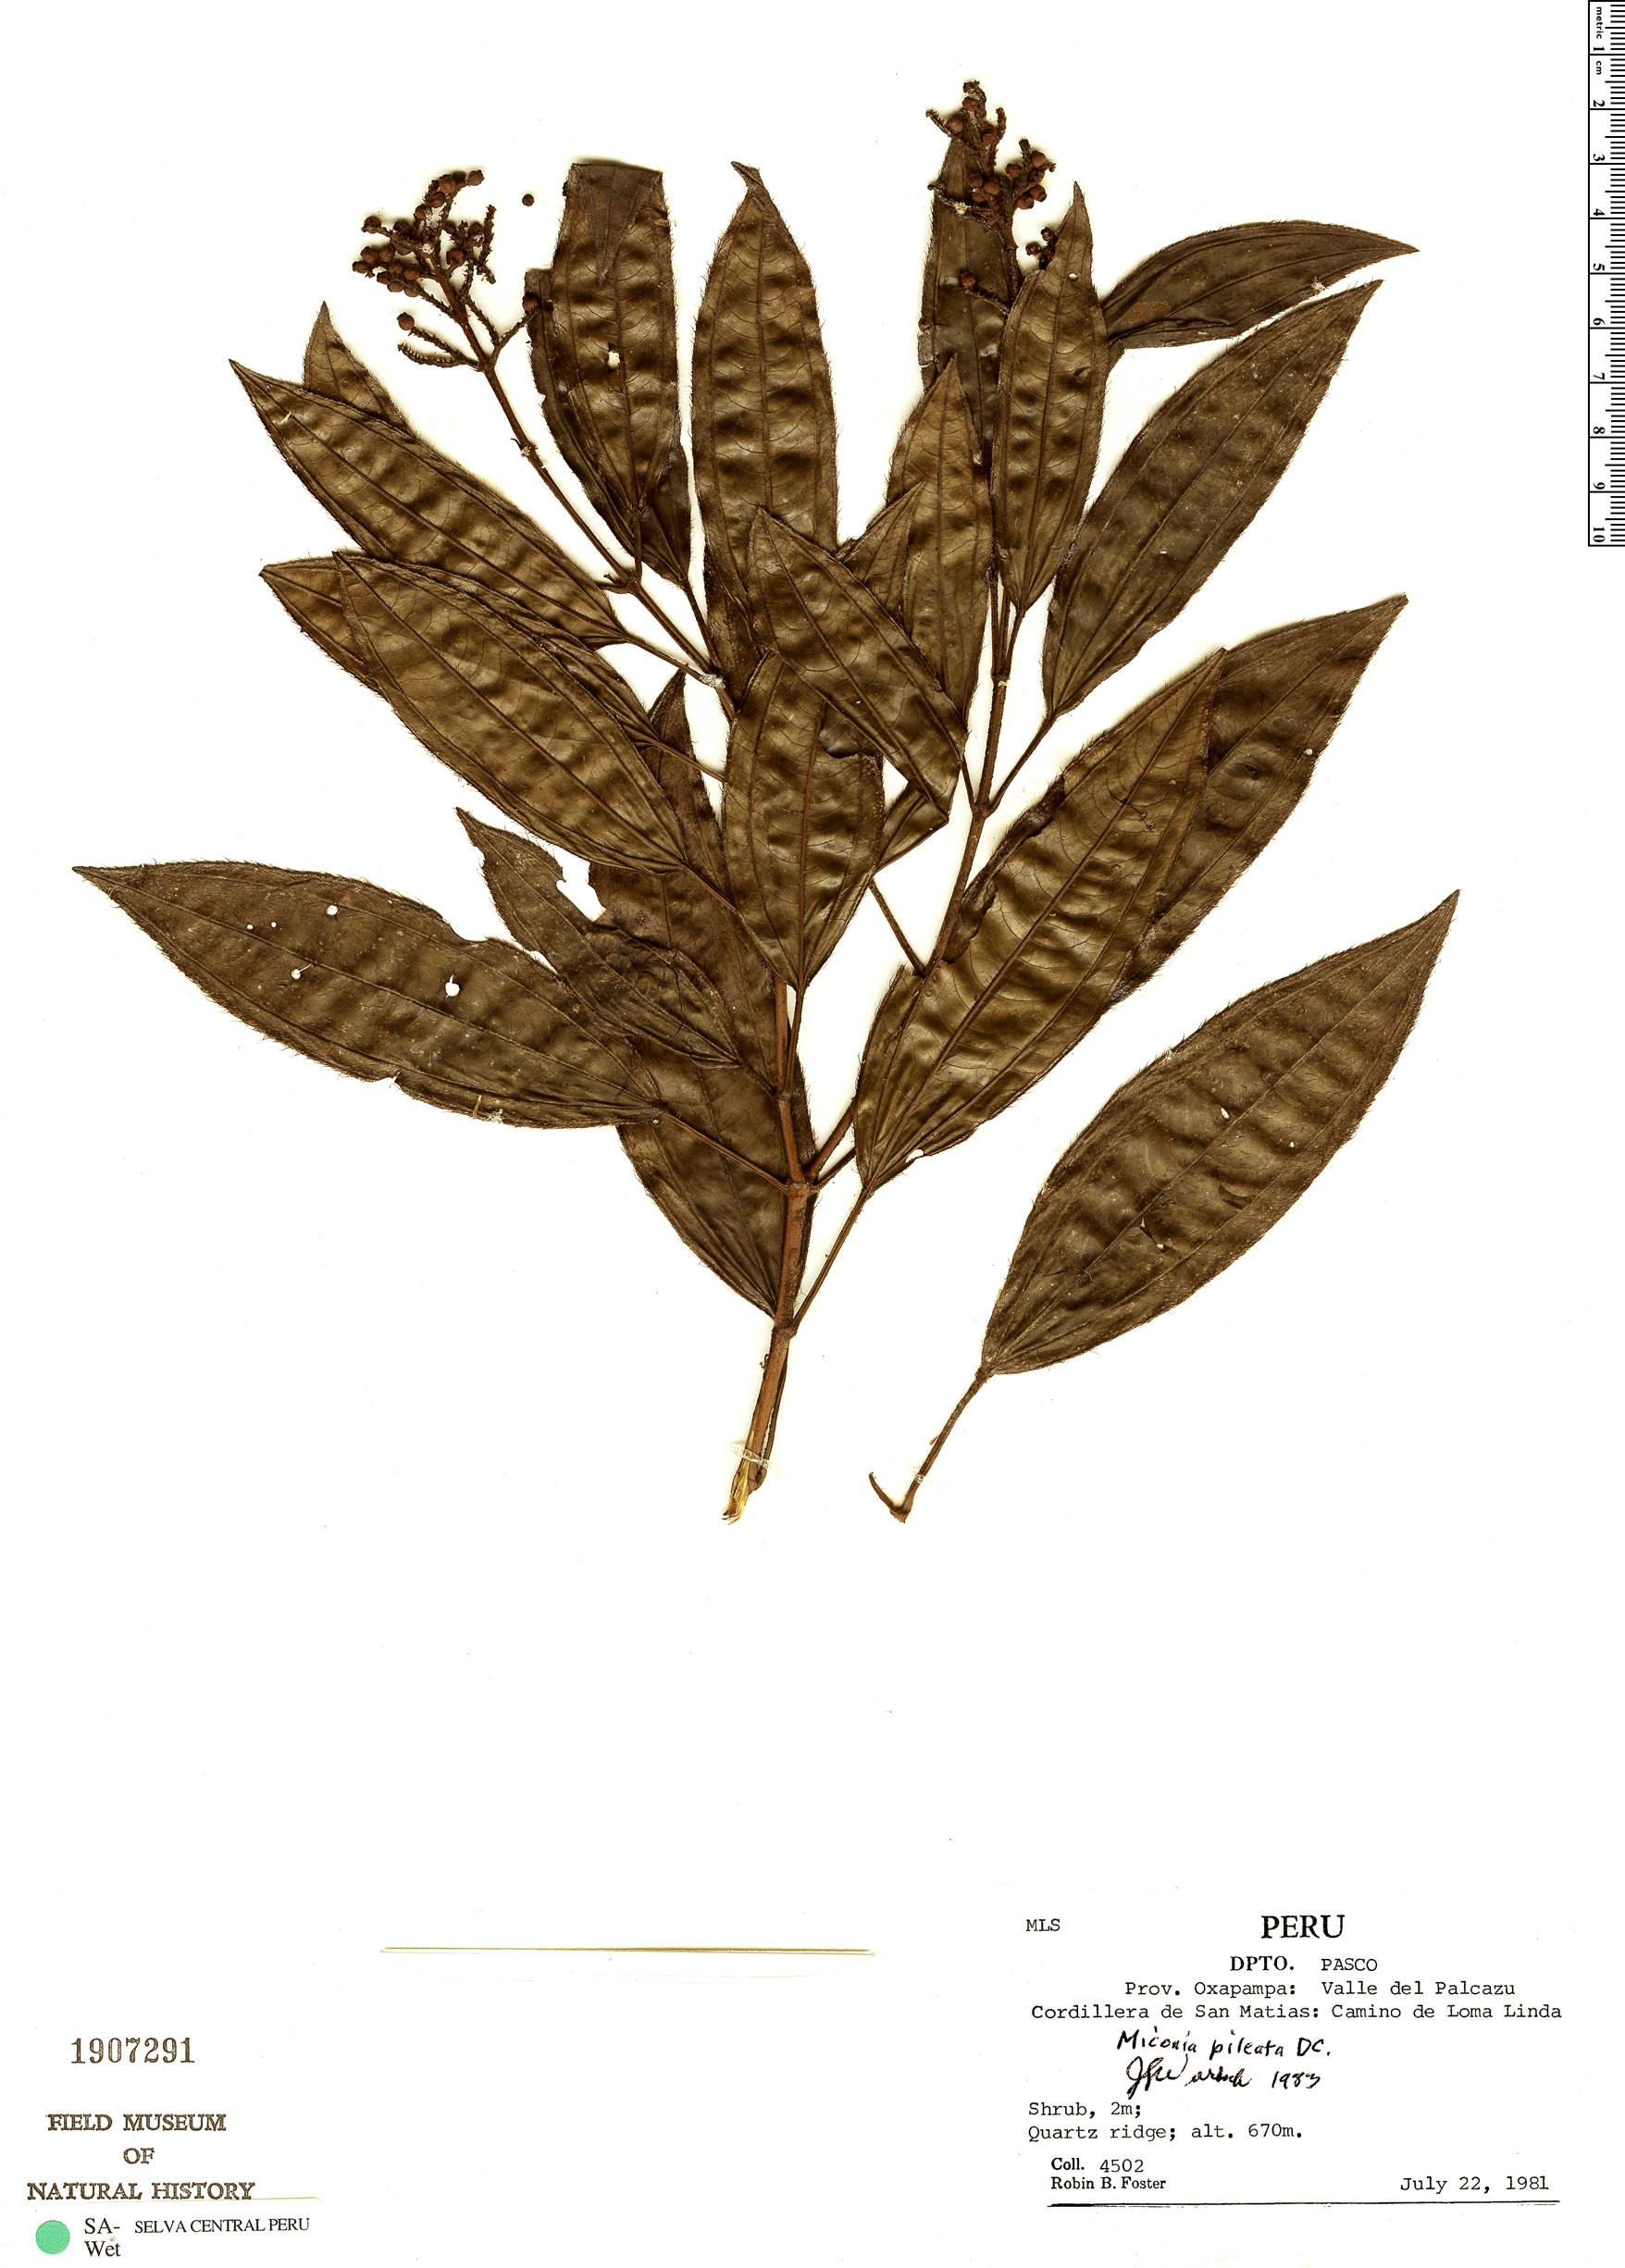 Specimen: Miconia pileata